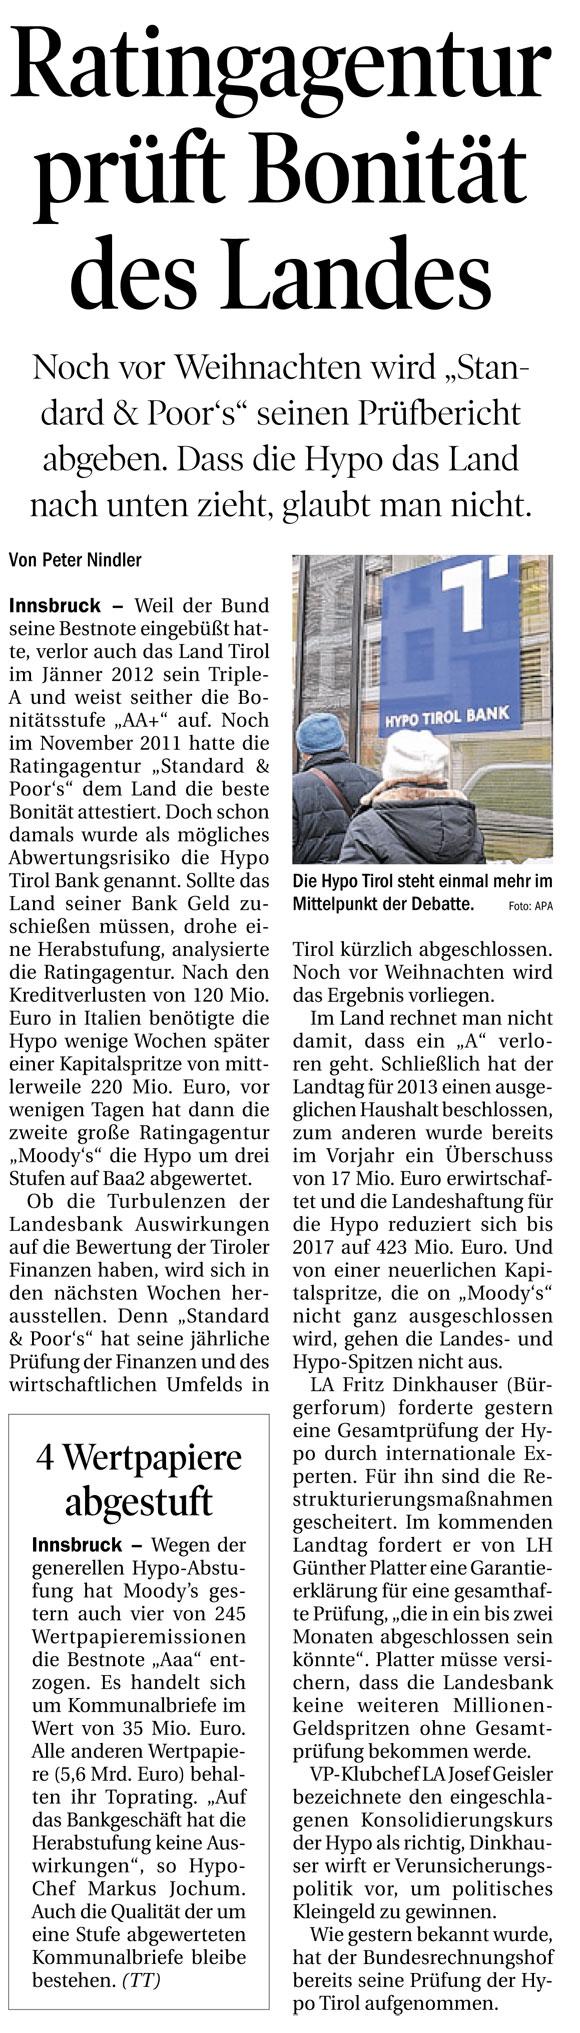 Bericht der Tiroler Tageszeitung über die Hypo Tirol Bank